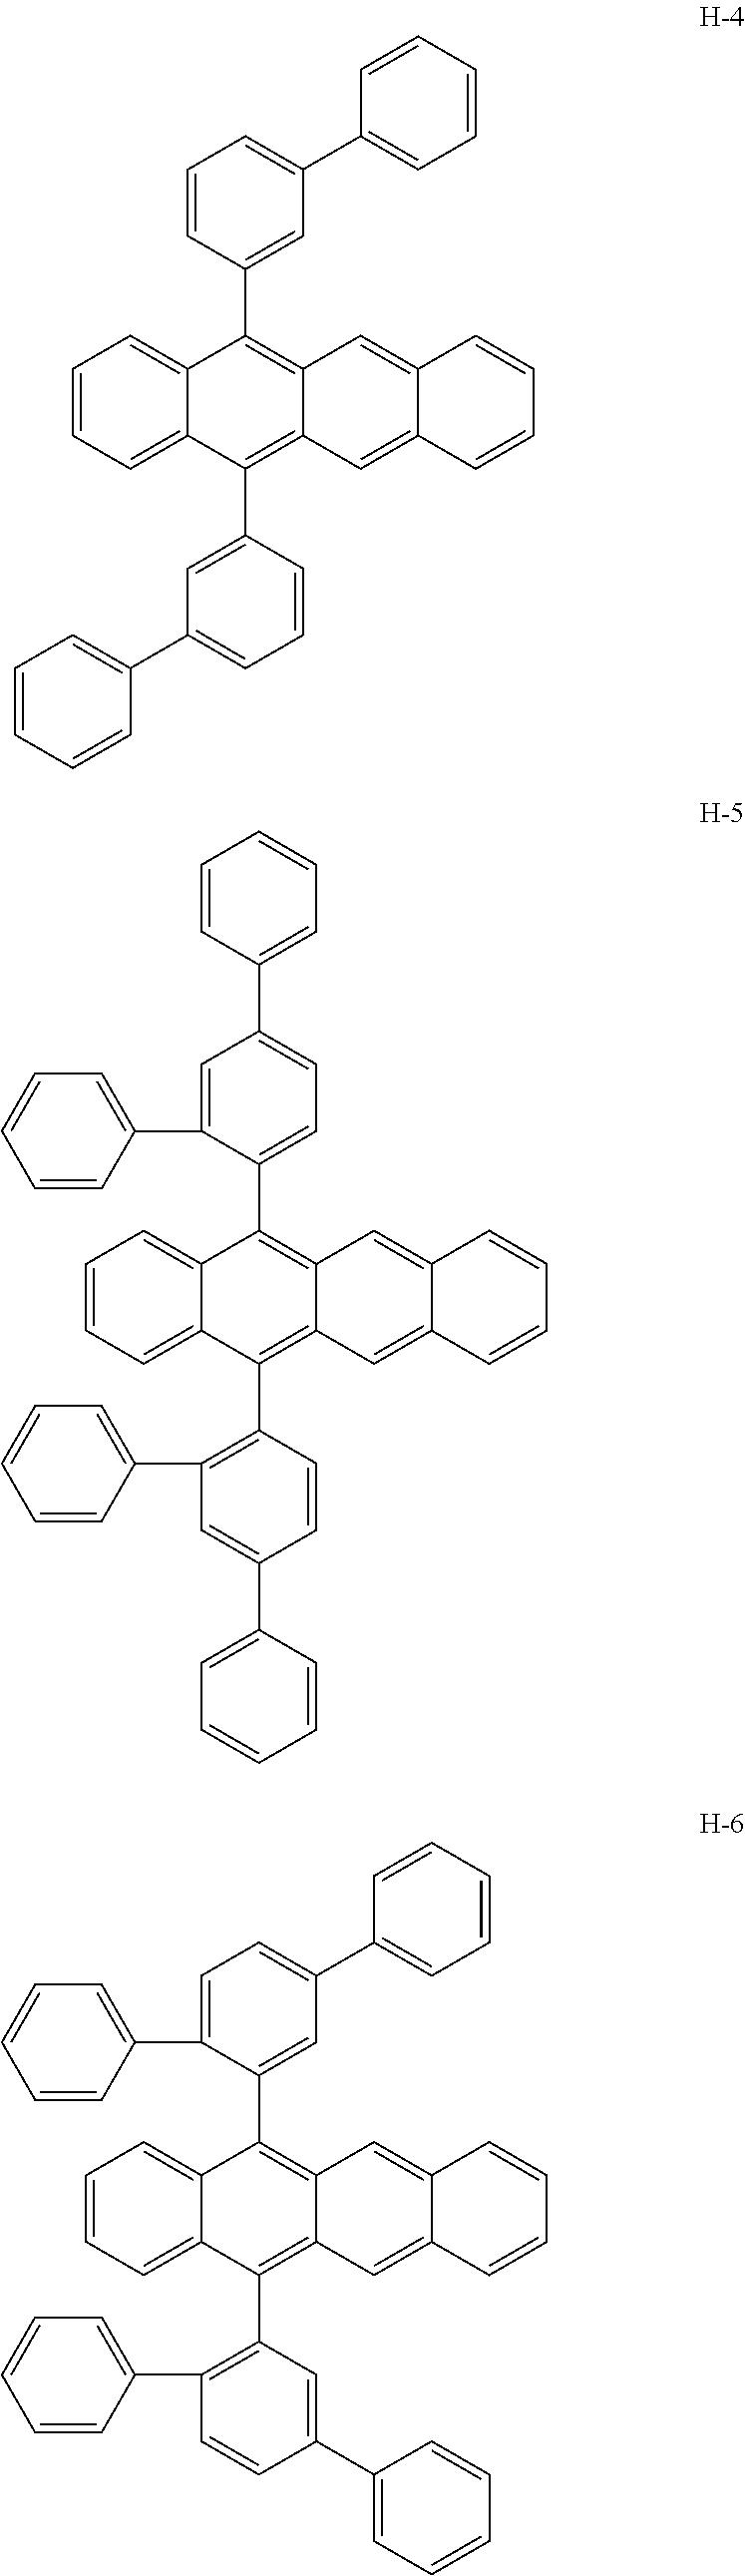 Figure US09799836-20171024-C00018